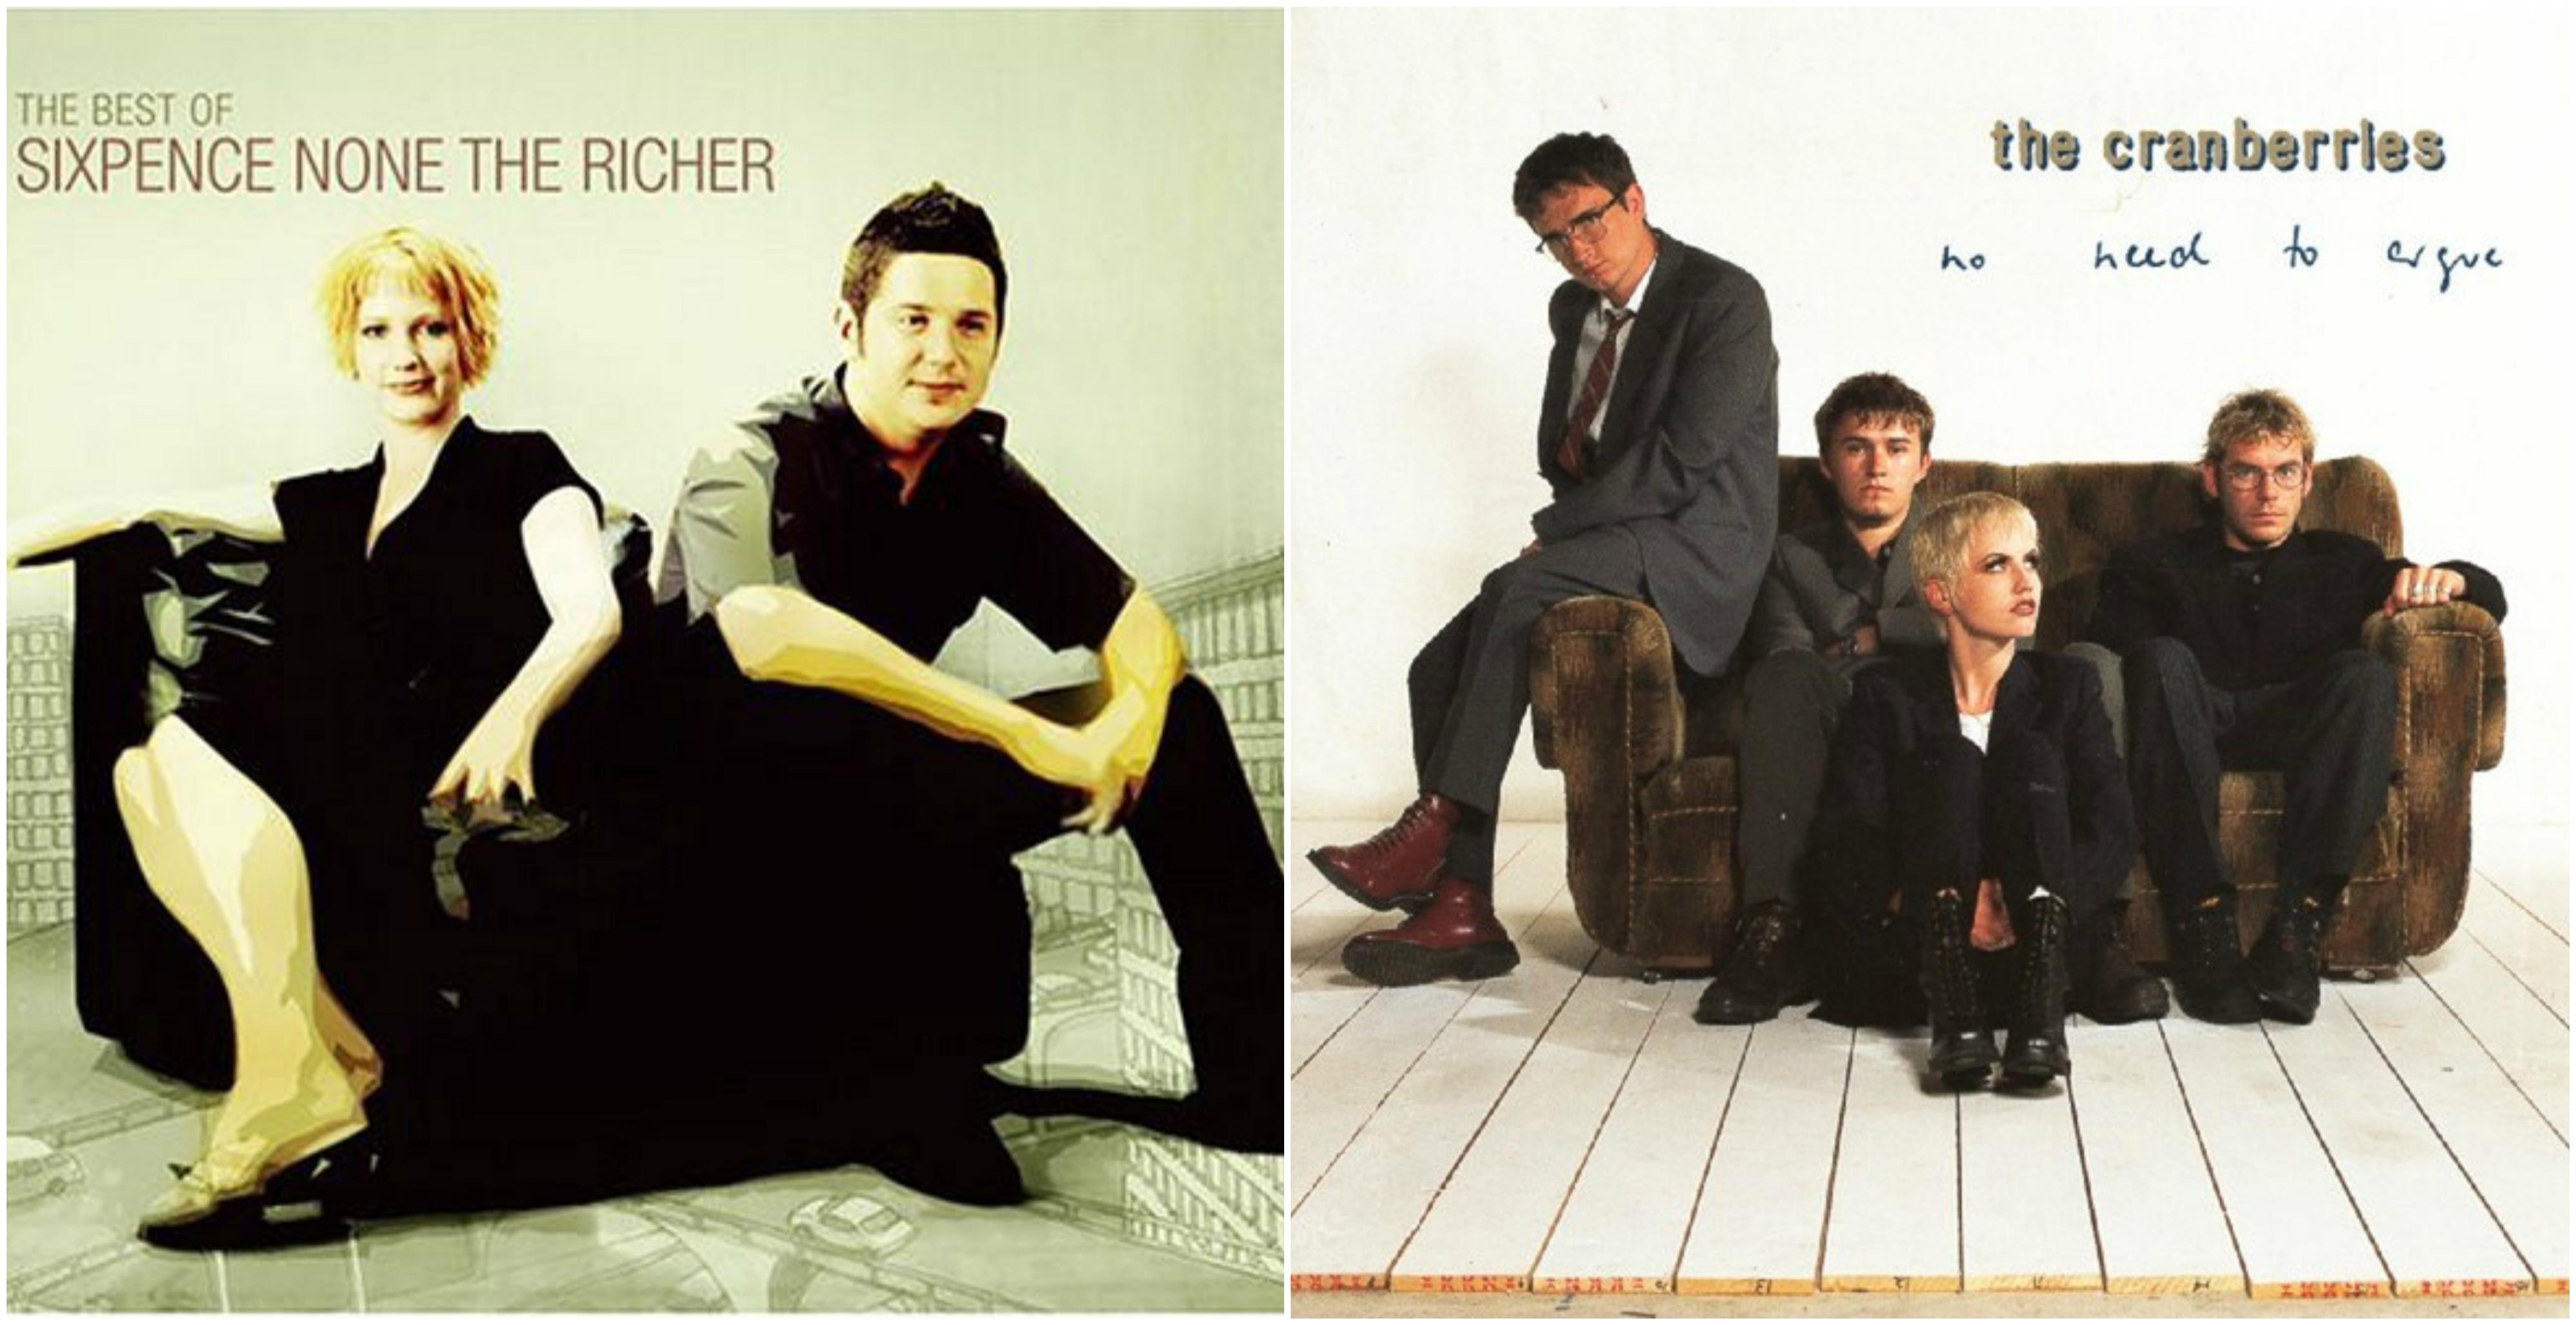 Sixpence None The Richer - Aquela banda que todo mundo achava que era o Cranberries ainda existe